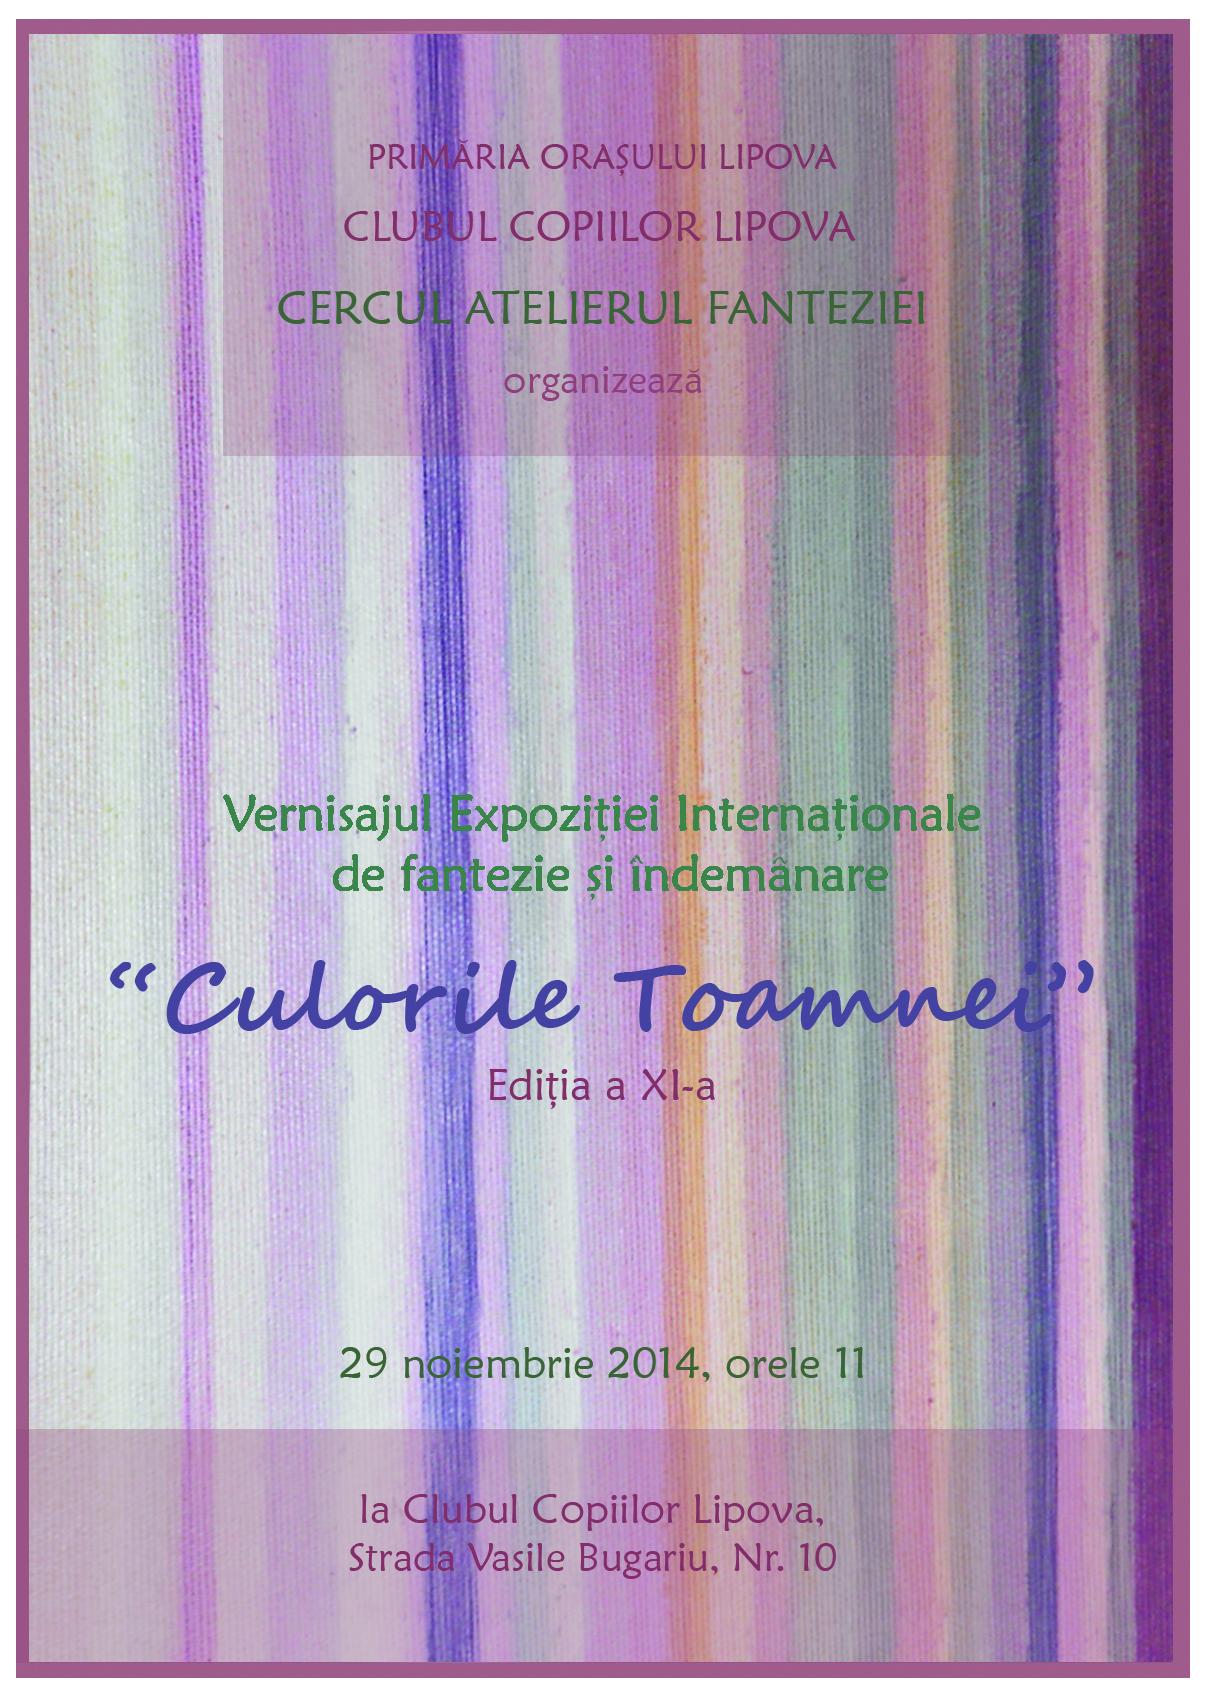 CULORILE TOAMNEI 2014 AFIS NOIEMBRIE 2014